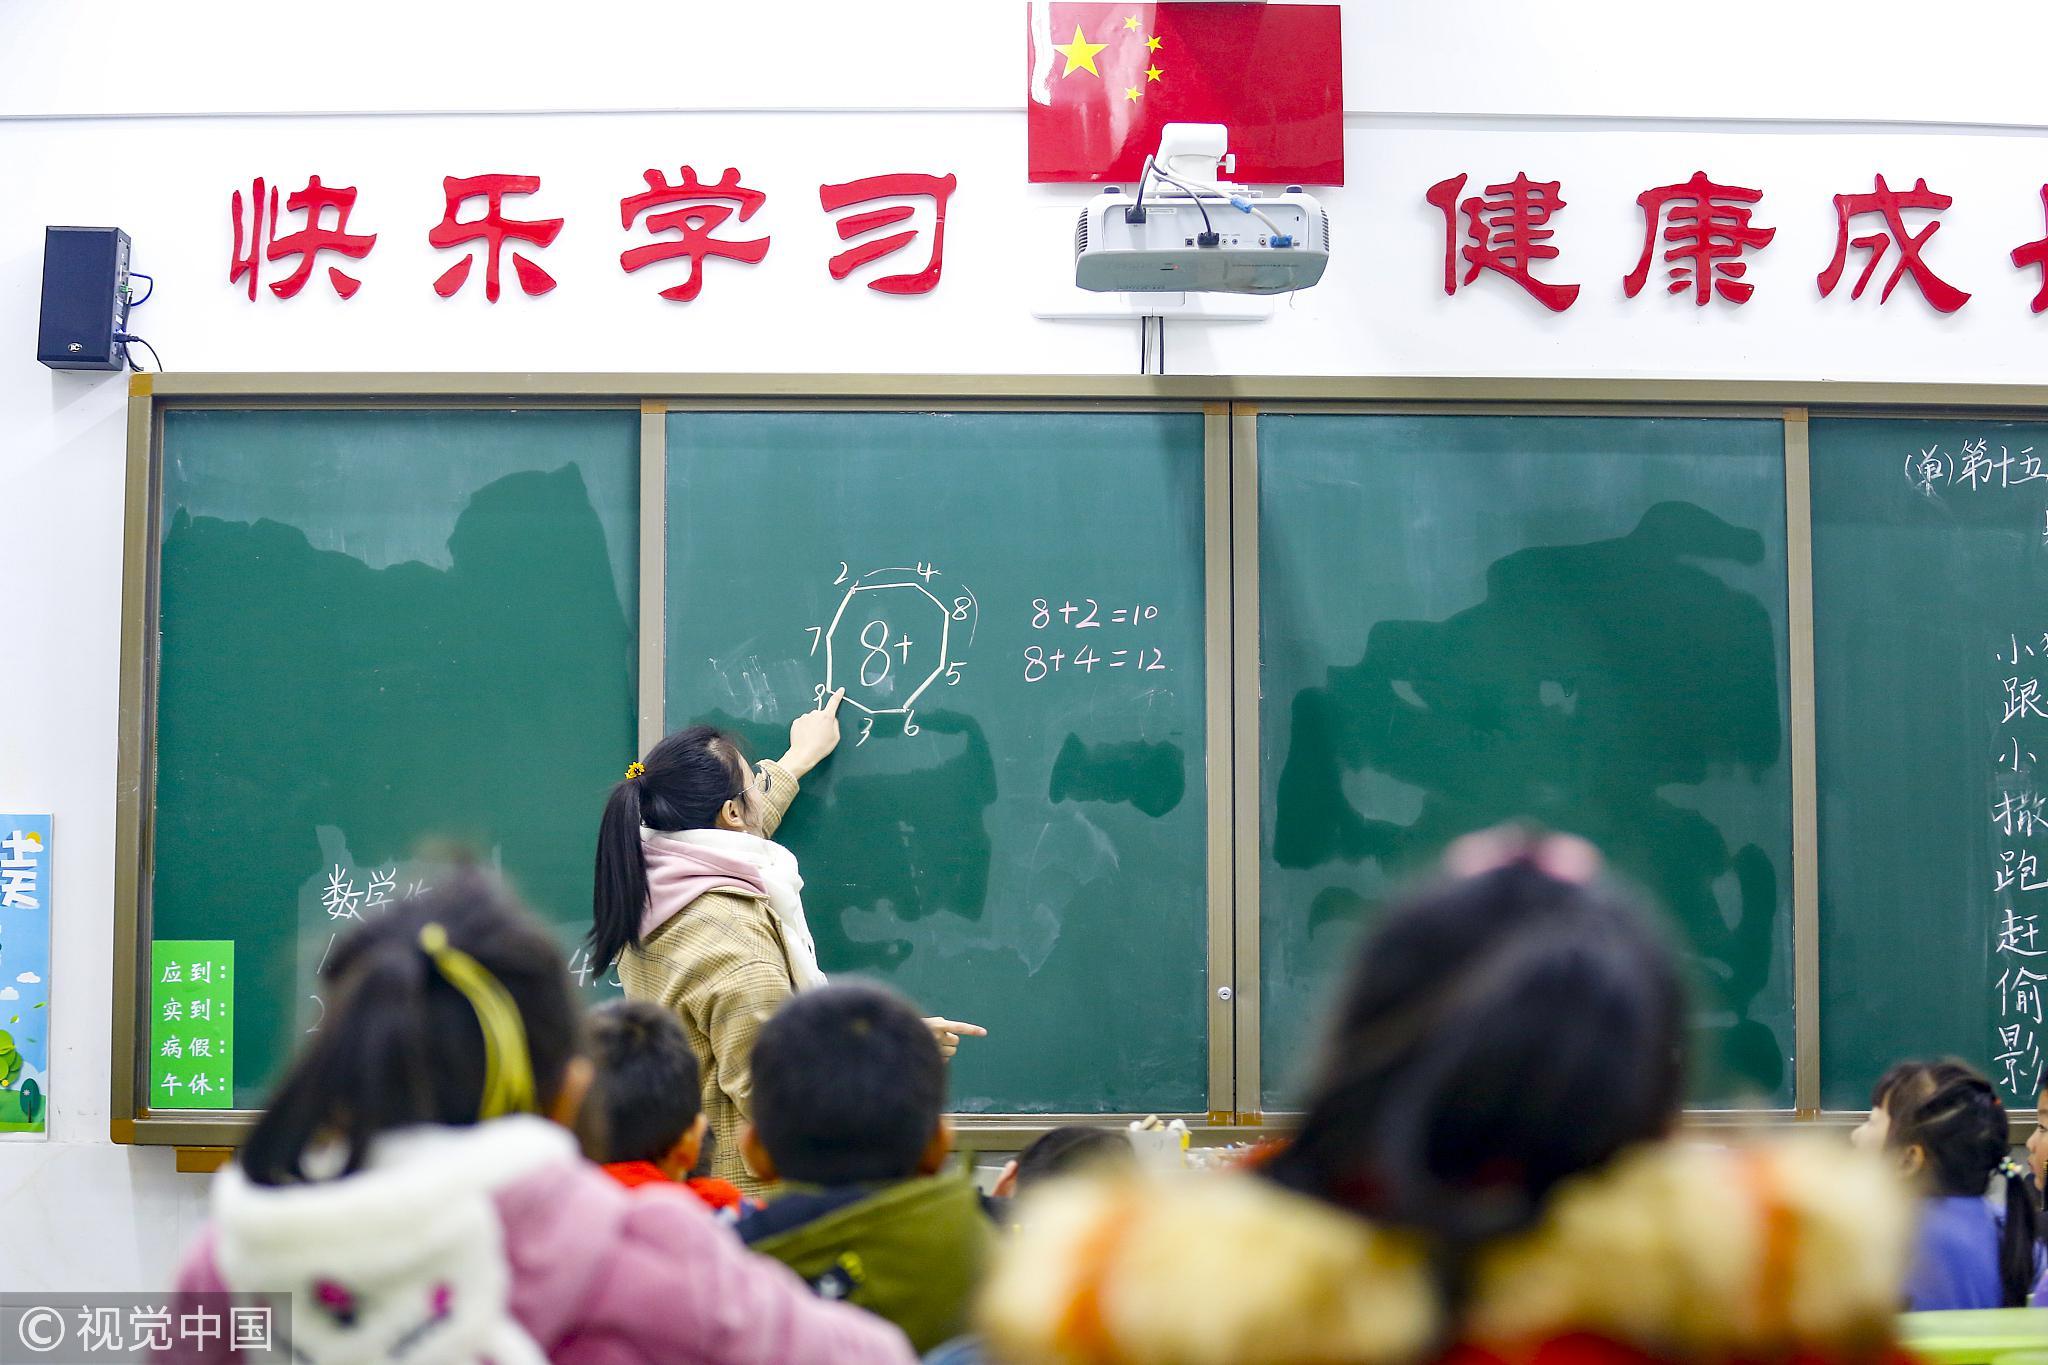 江苏出台明确意见:中小学教师工资水平不低于当地公务员